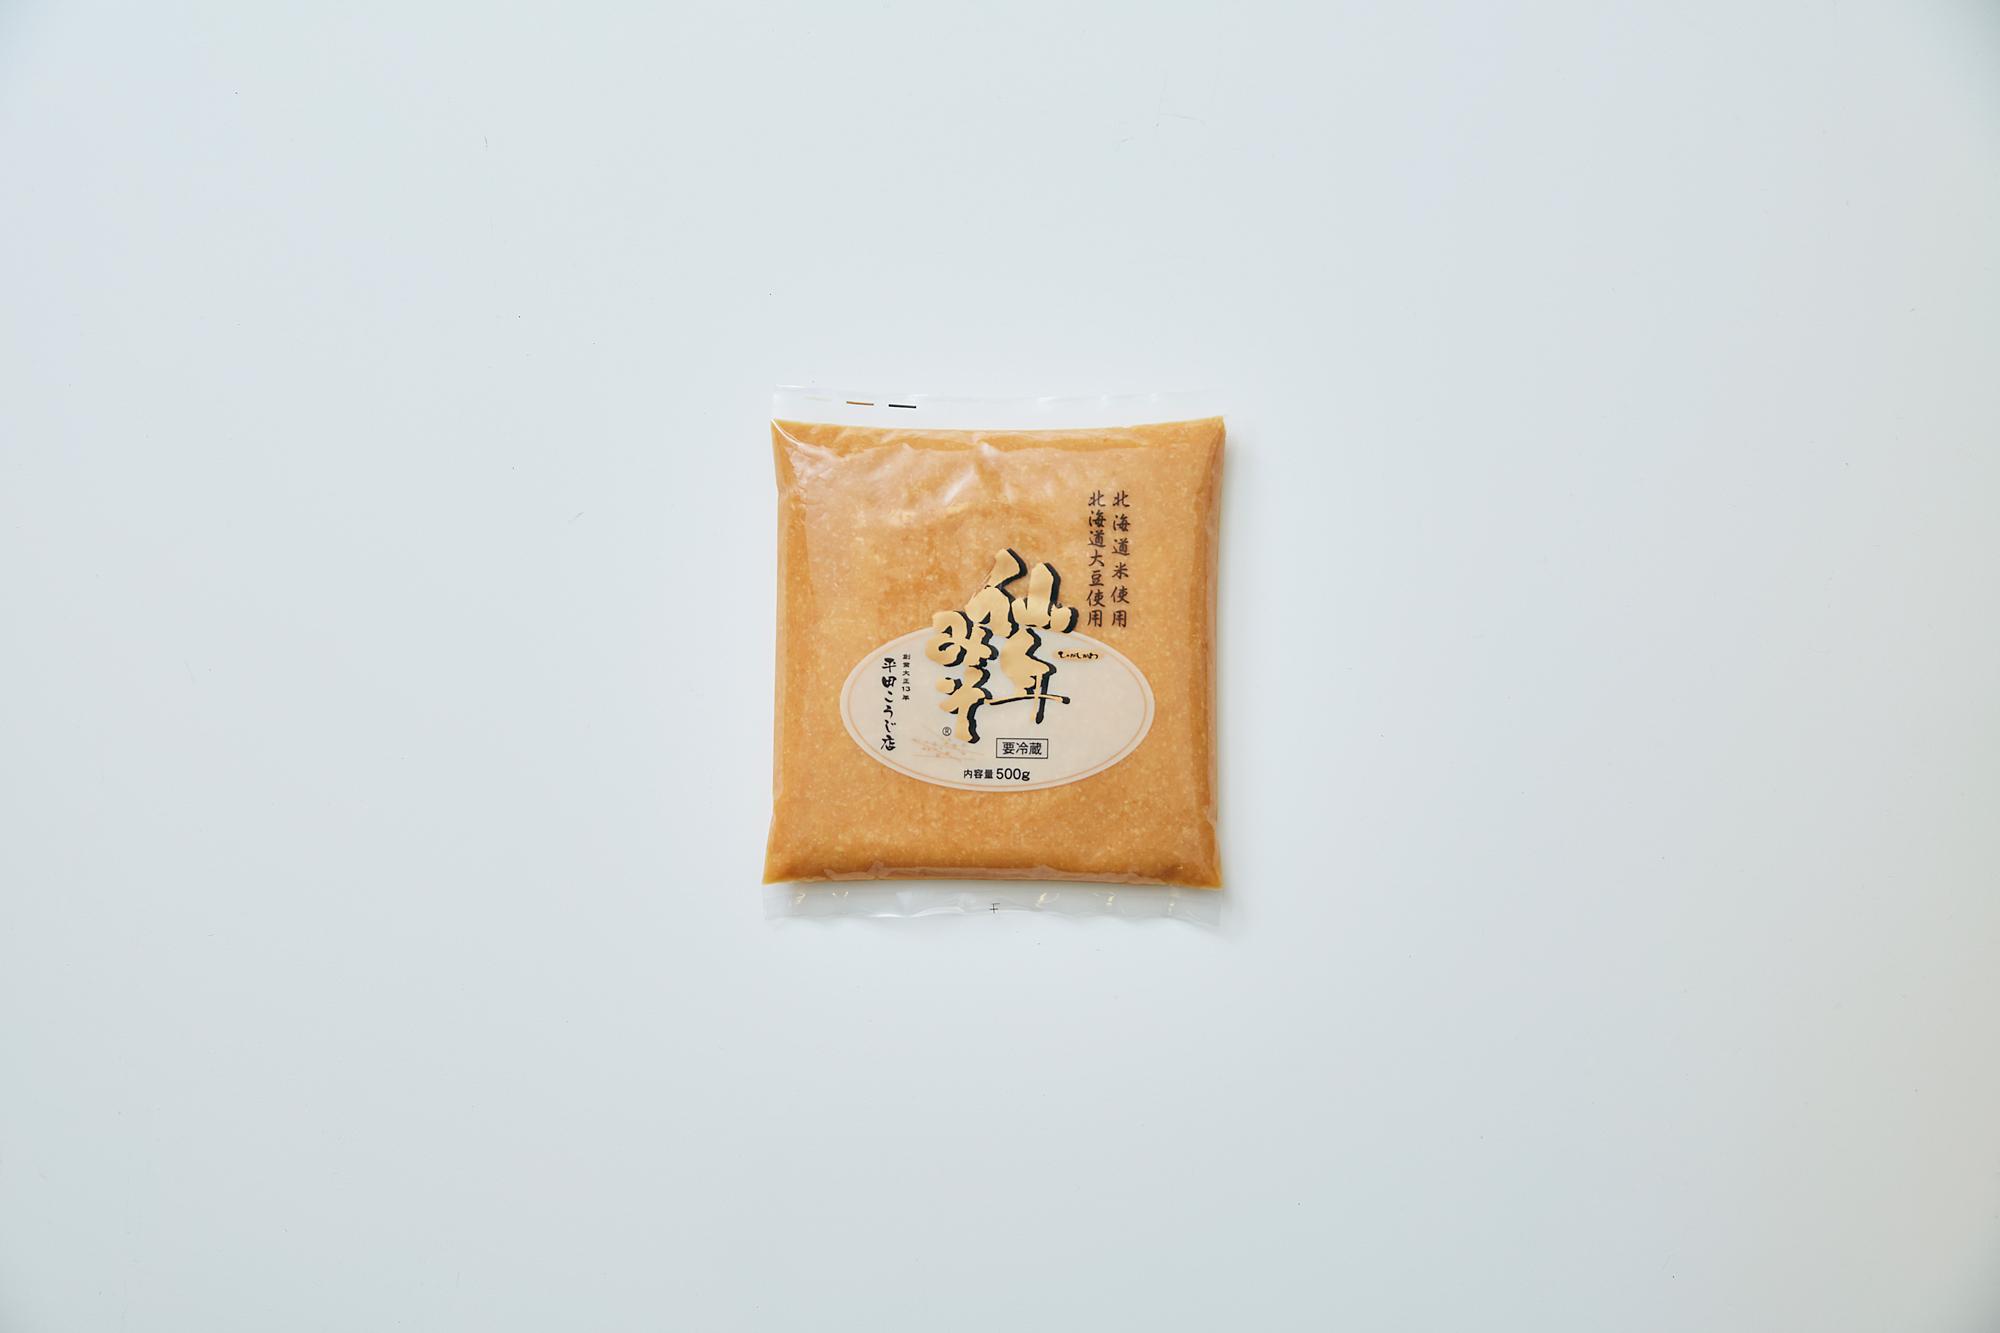 SENNEN-KOSHI-500